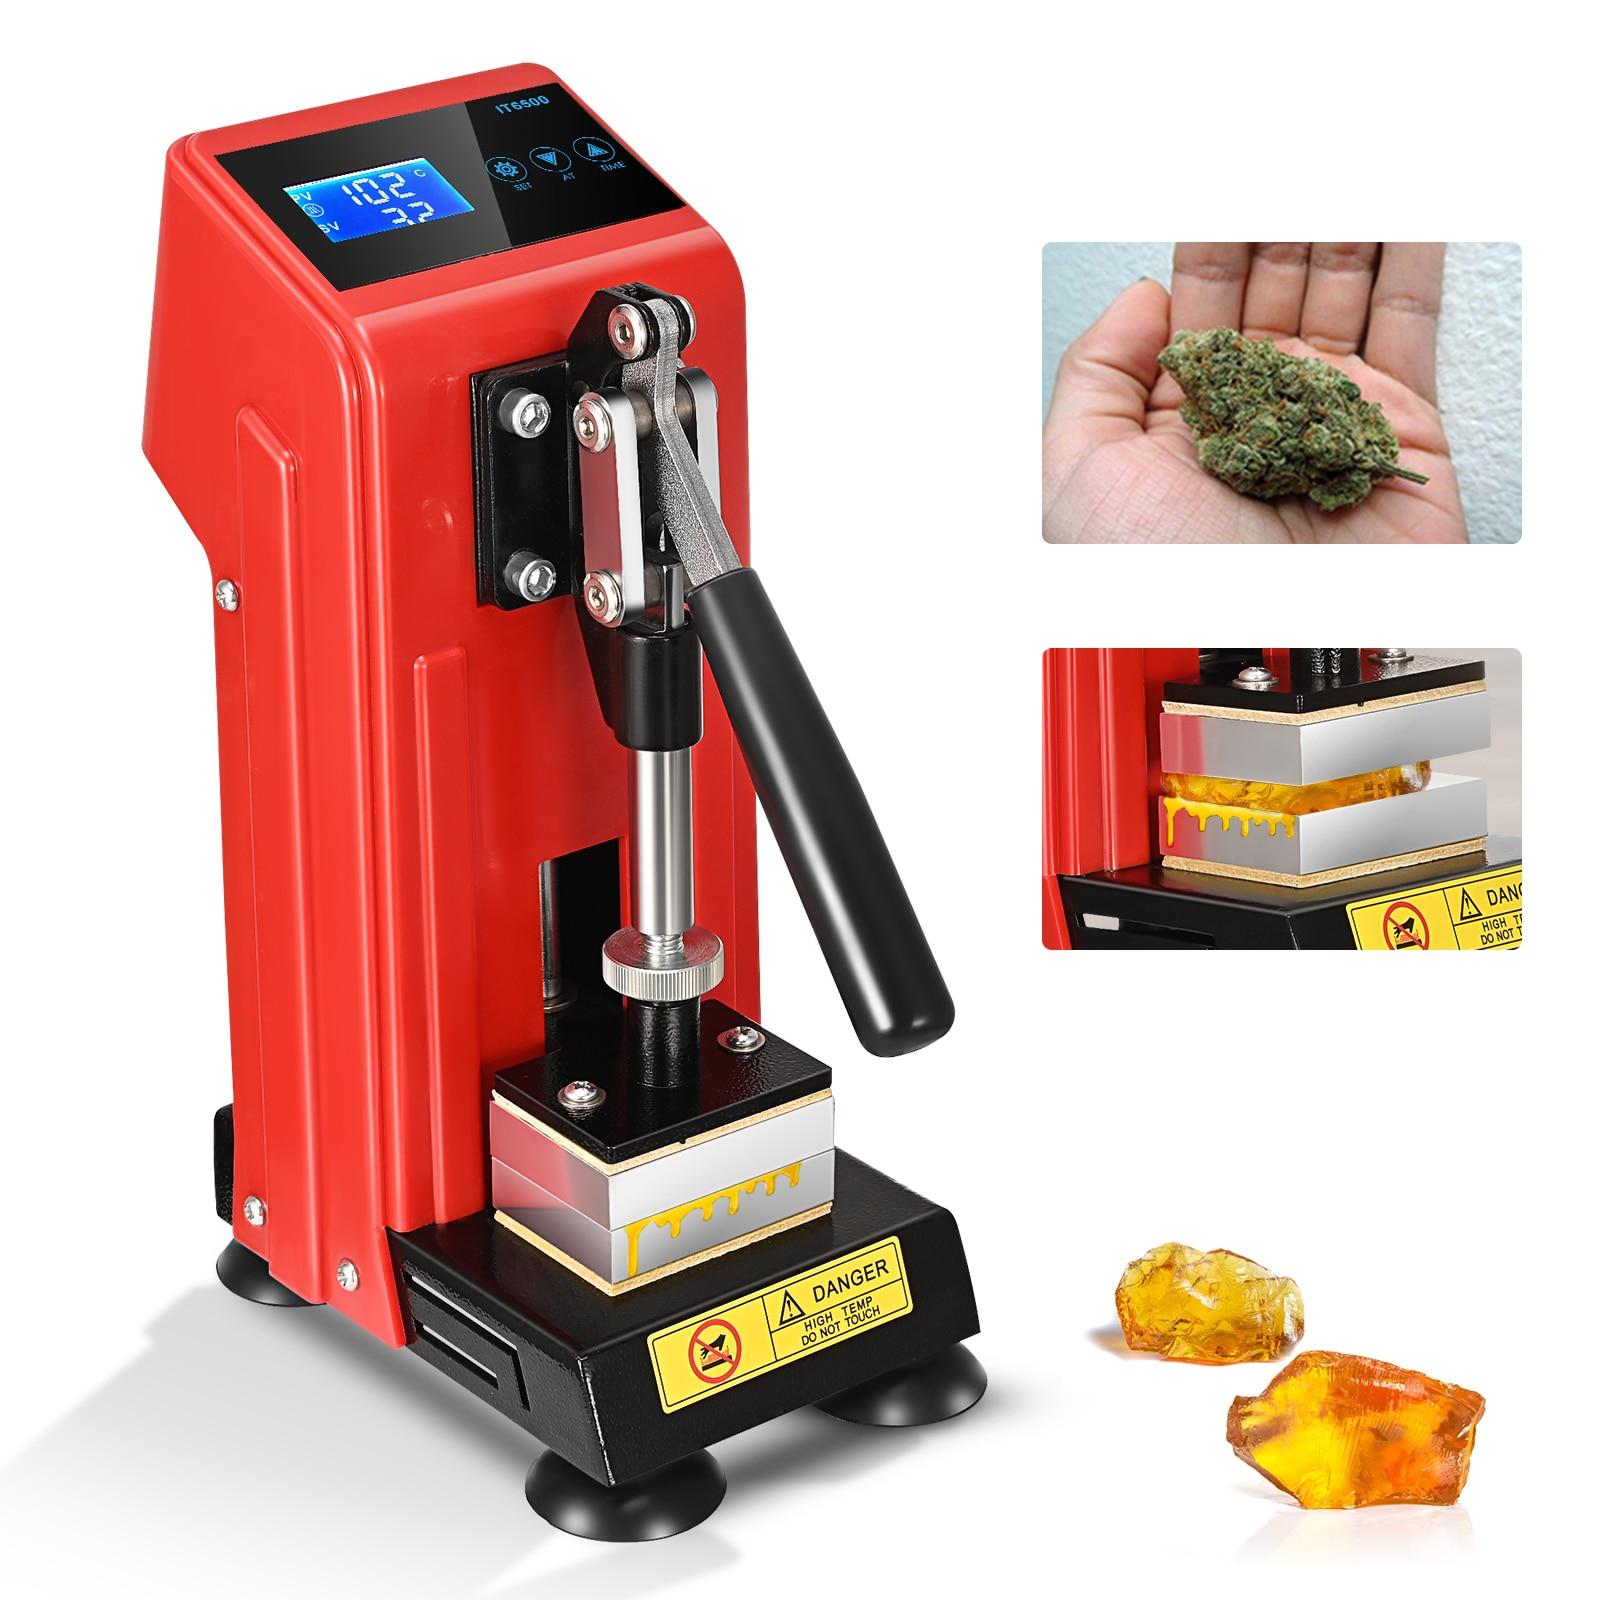 220 فولت روزين الصحافة آلة تعديل الضغط آلة درجة الحرارة التحكم لوح تسخين الشمع التركيز النفط استخراج النازع أداة